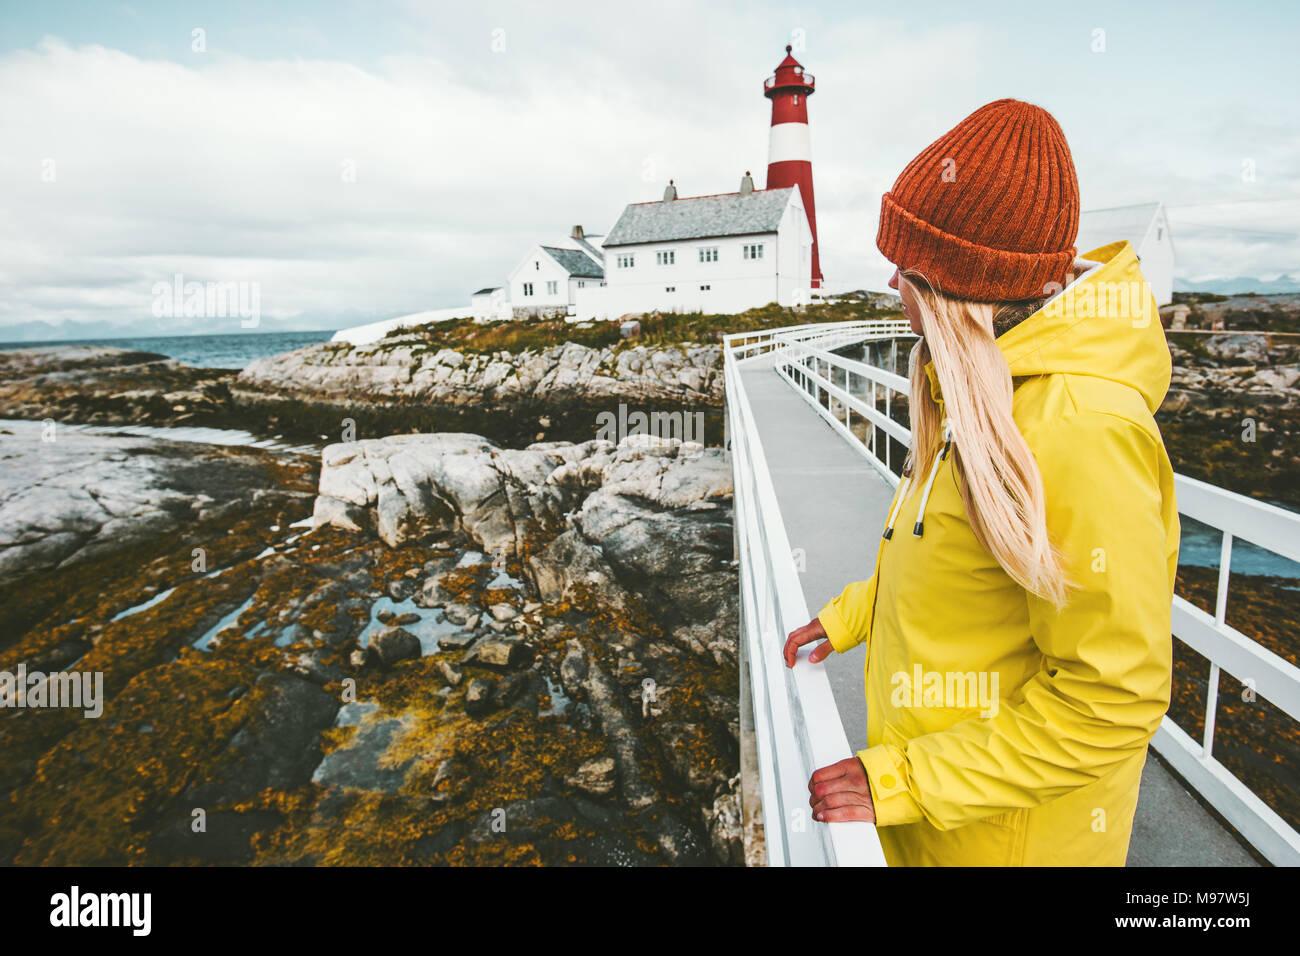 Mujer turismo Noruega faro paisaje concepto de estilo de vida Viajes turismo de aventura en sus vacaciones piscina vestida de amarillo impermeable al permanente Imagen De Stock